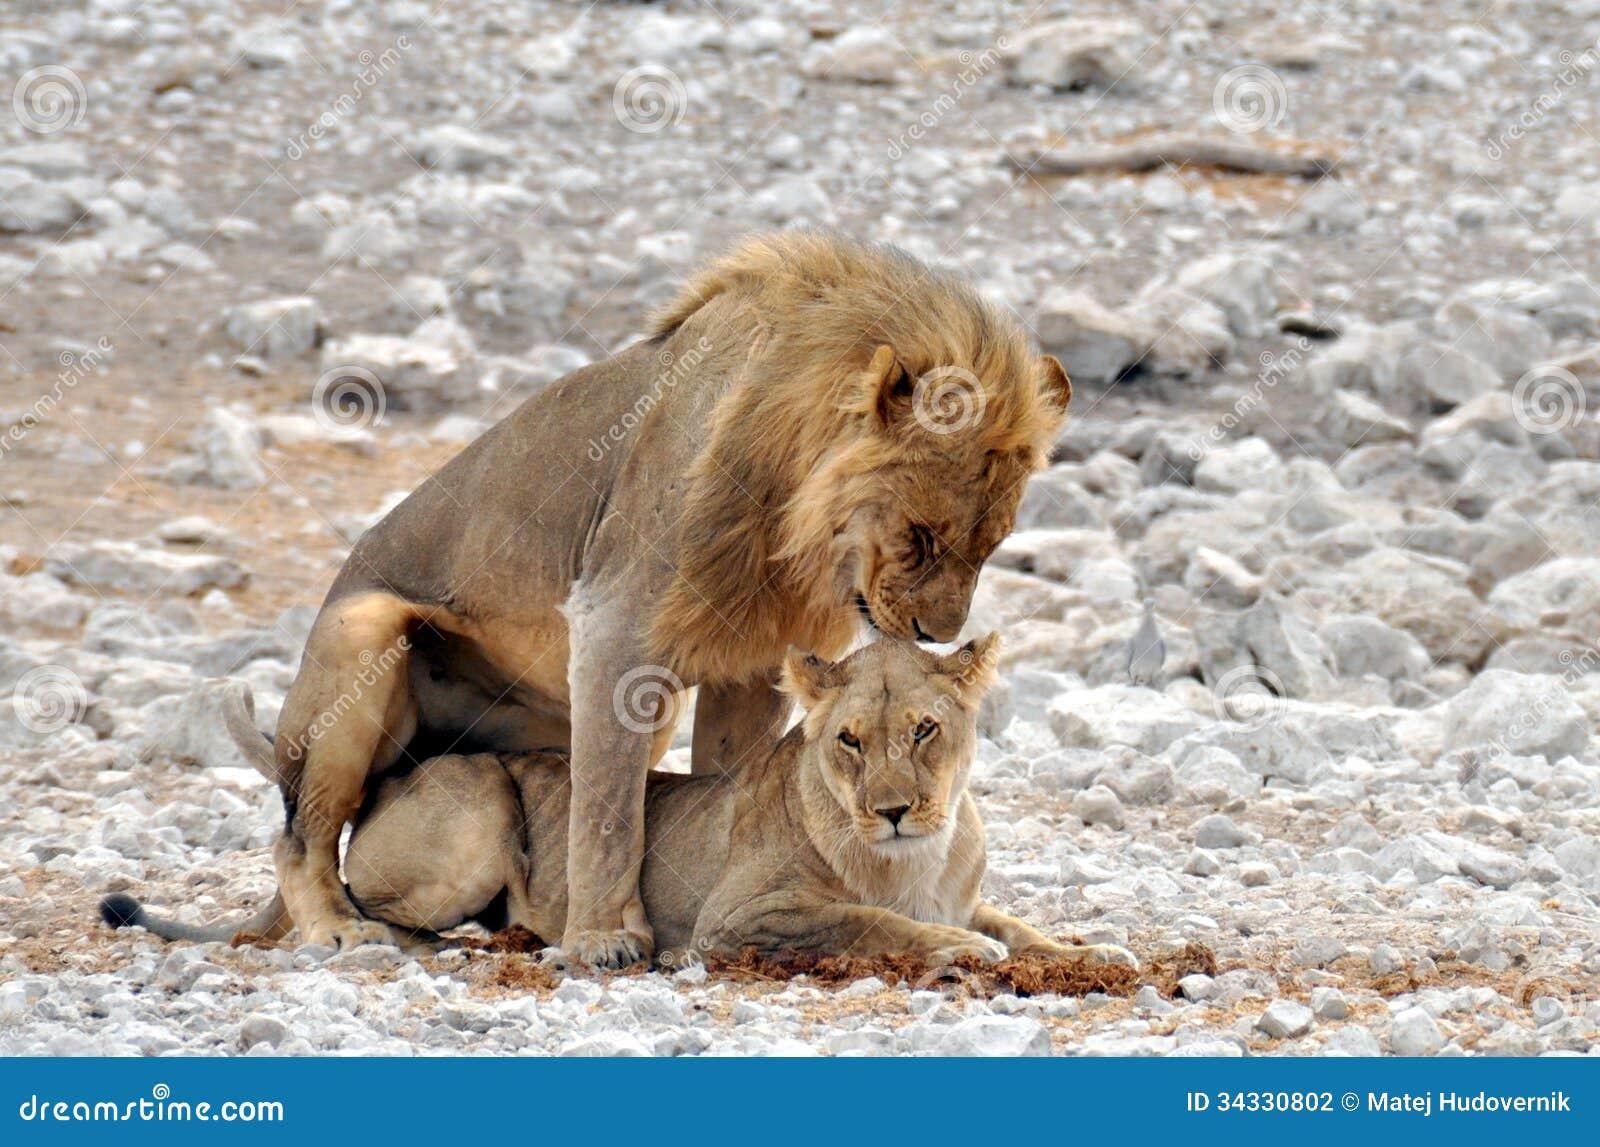 Mating Lions, Etosha National Park, Namibia Stock Photo - Image Of Mating, Couple -9523